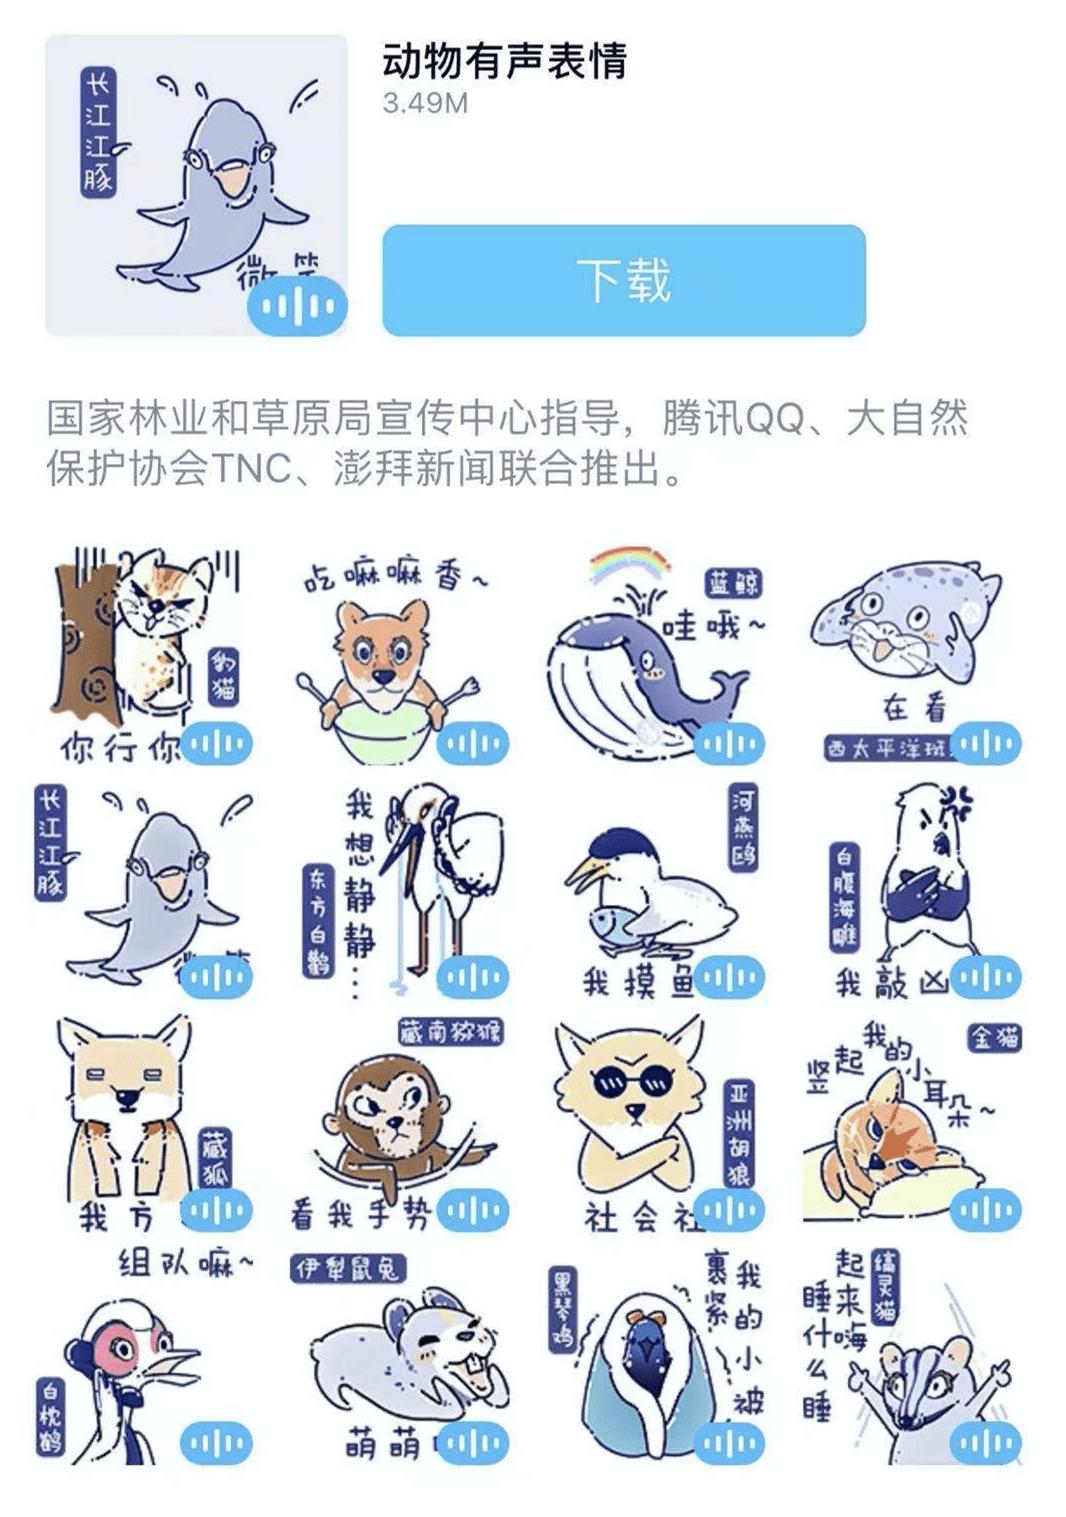 世界地球日,腾讯QQ联合TNC、澎湃新闻开展动物保护科普